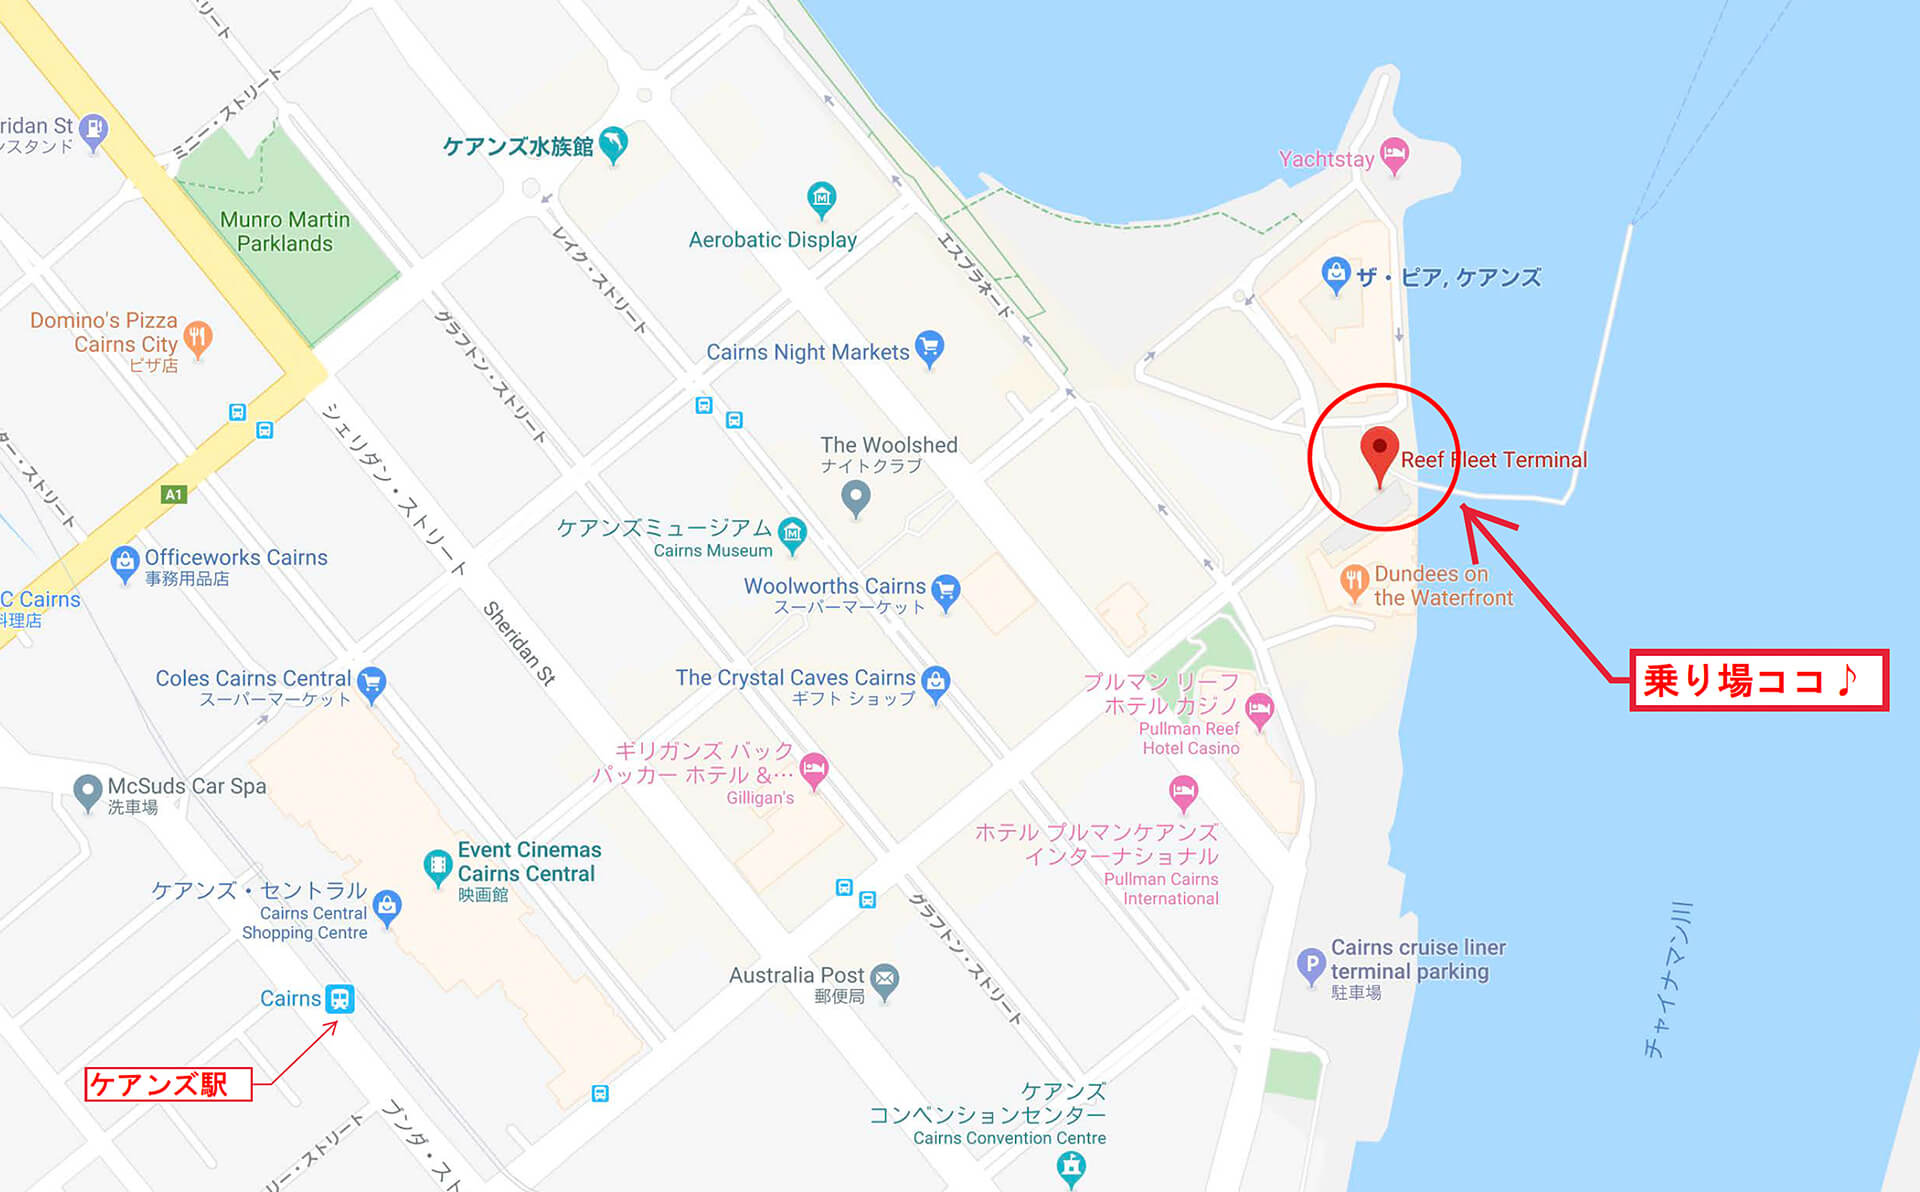 ケアンズ・グリーン島俯瞰地図